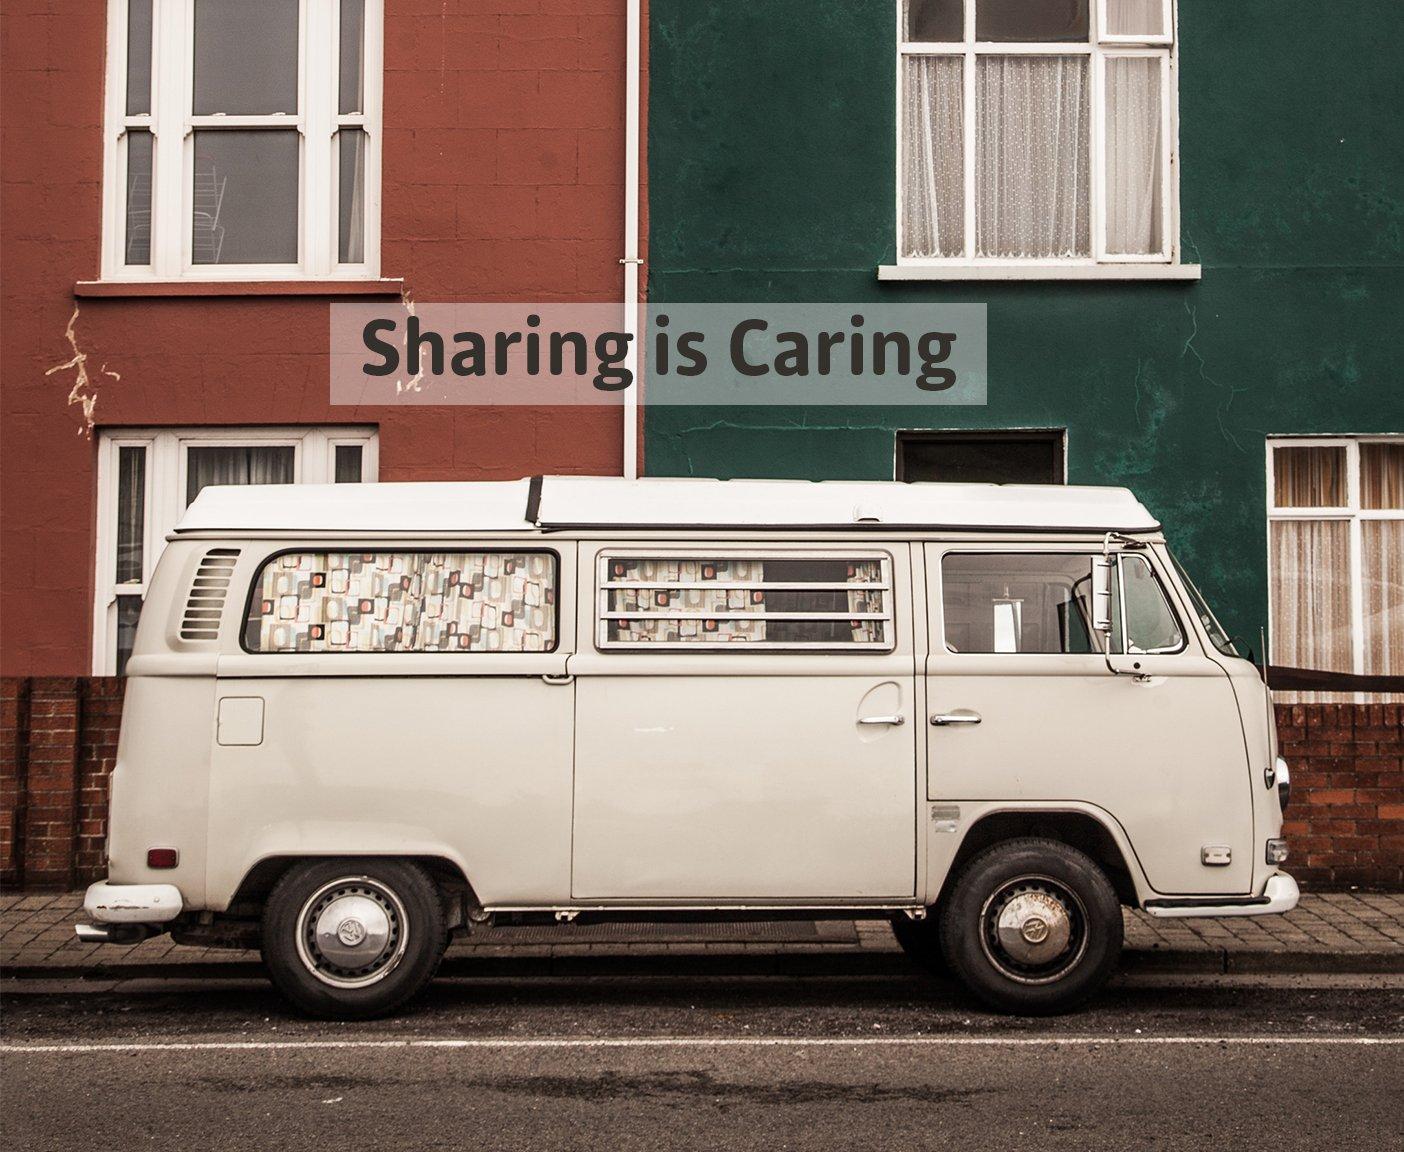 VW-Bus vor zwei Haeusern, Sharing is Caring Aufschrift